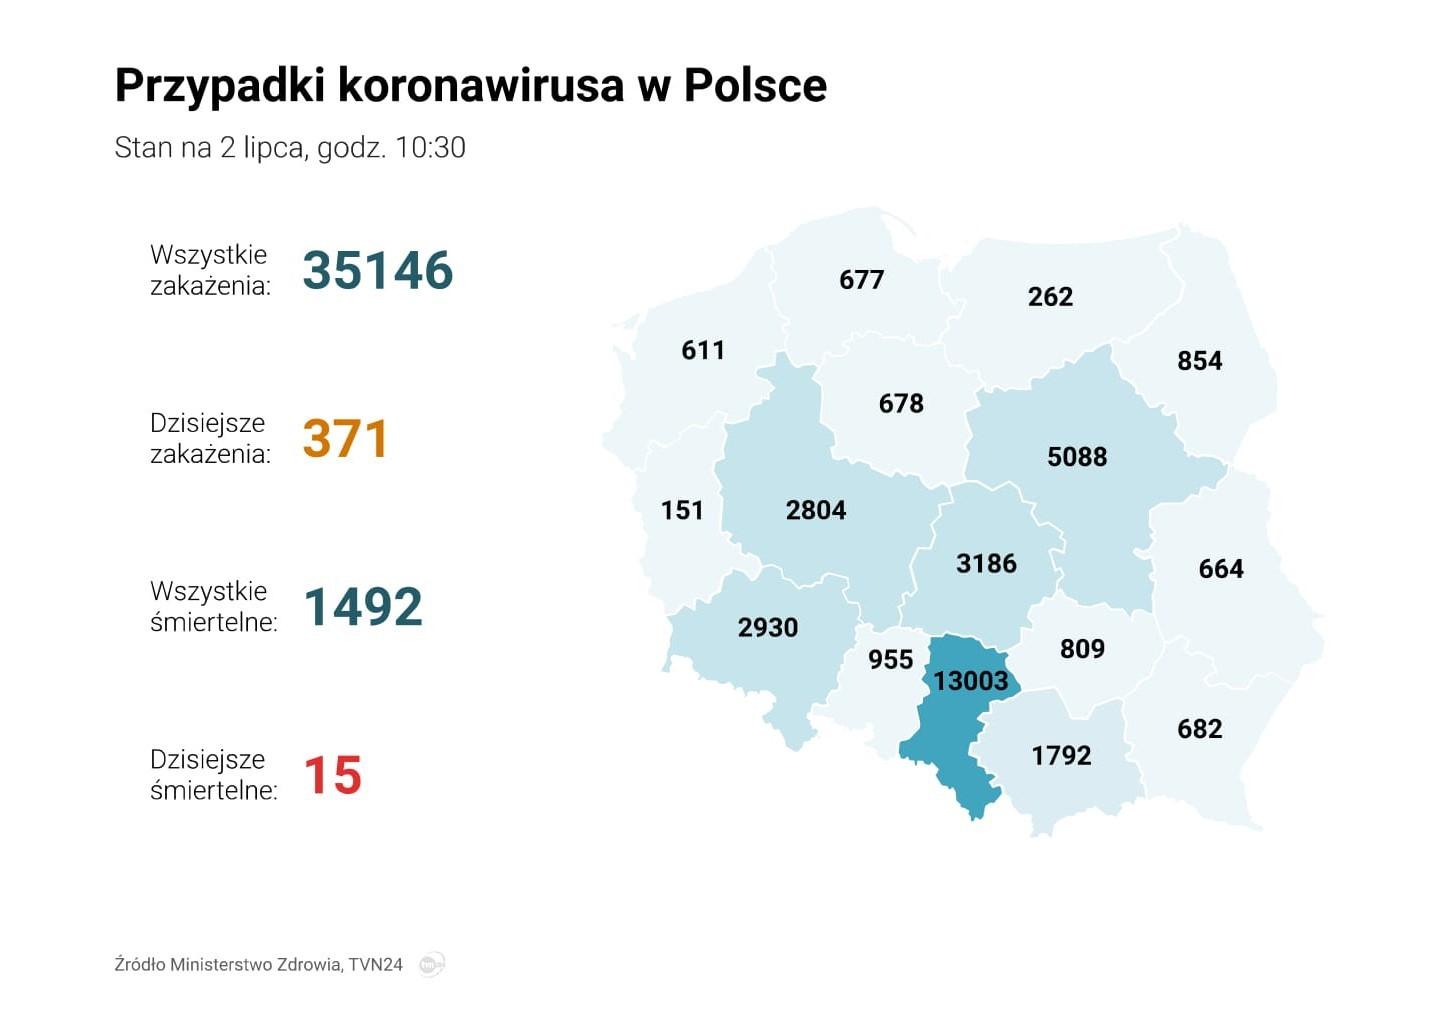 Mapa przypadków koronawirusa w Polsce, stan na 2 lipca 2020